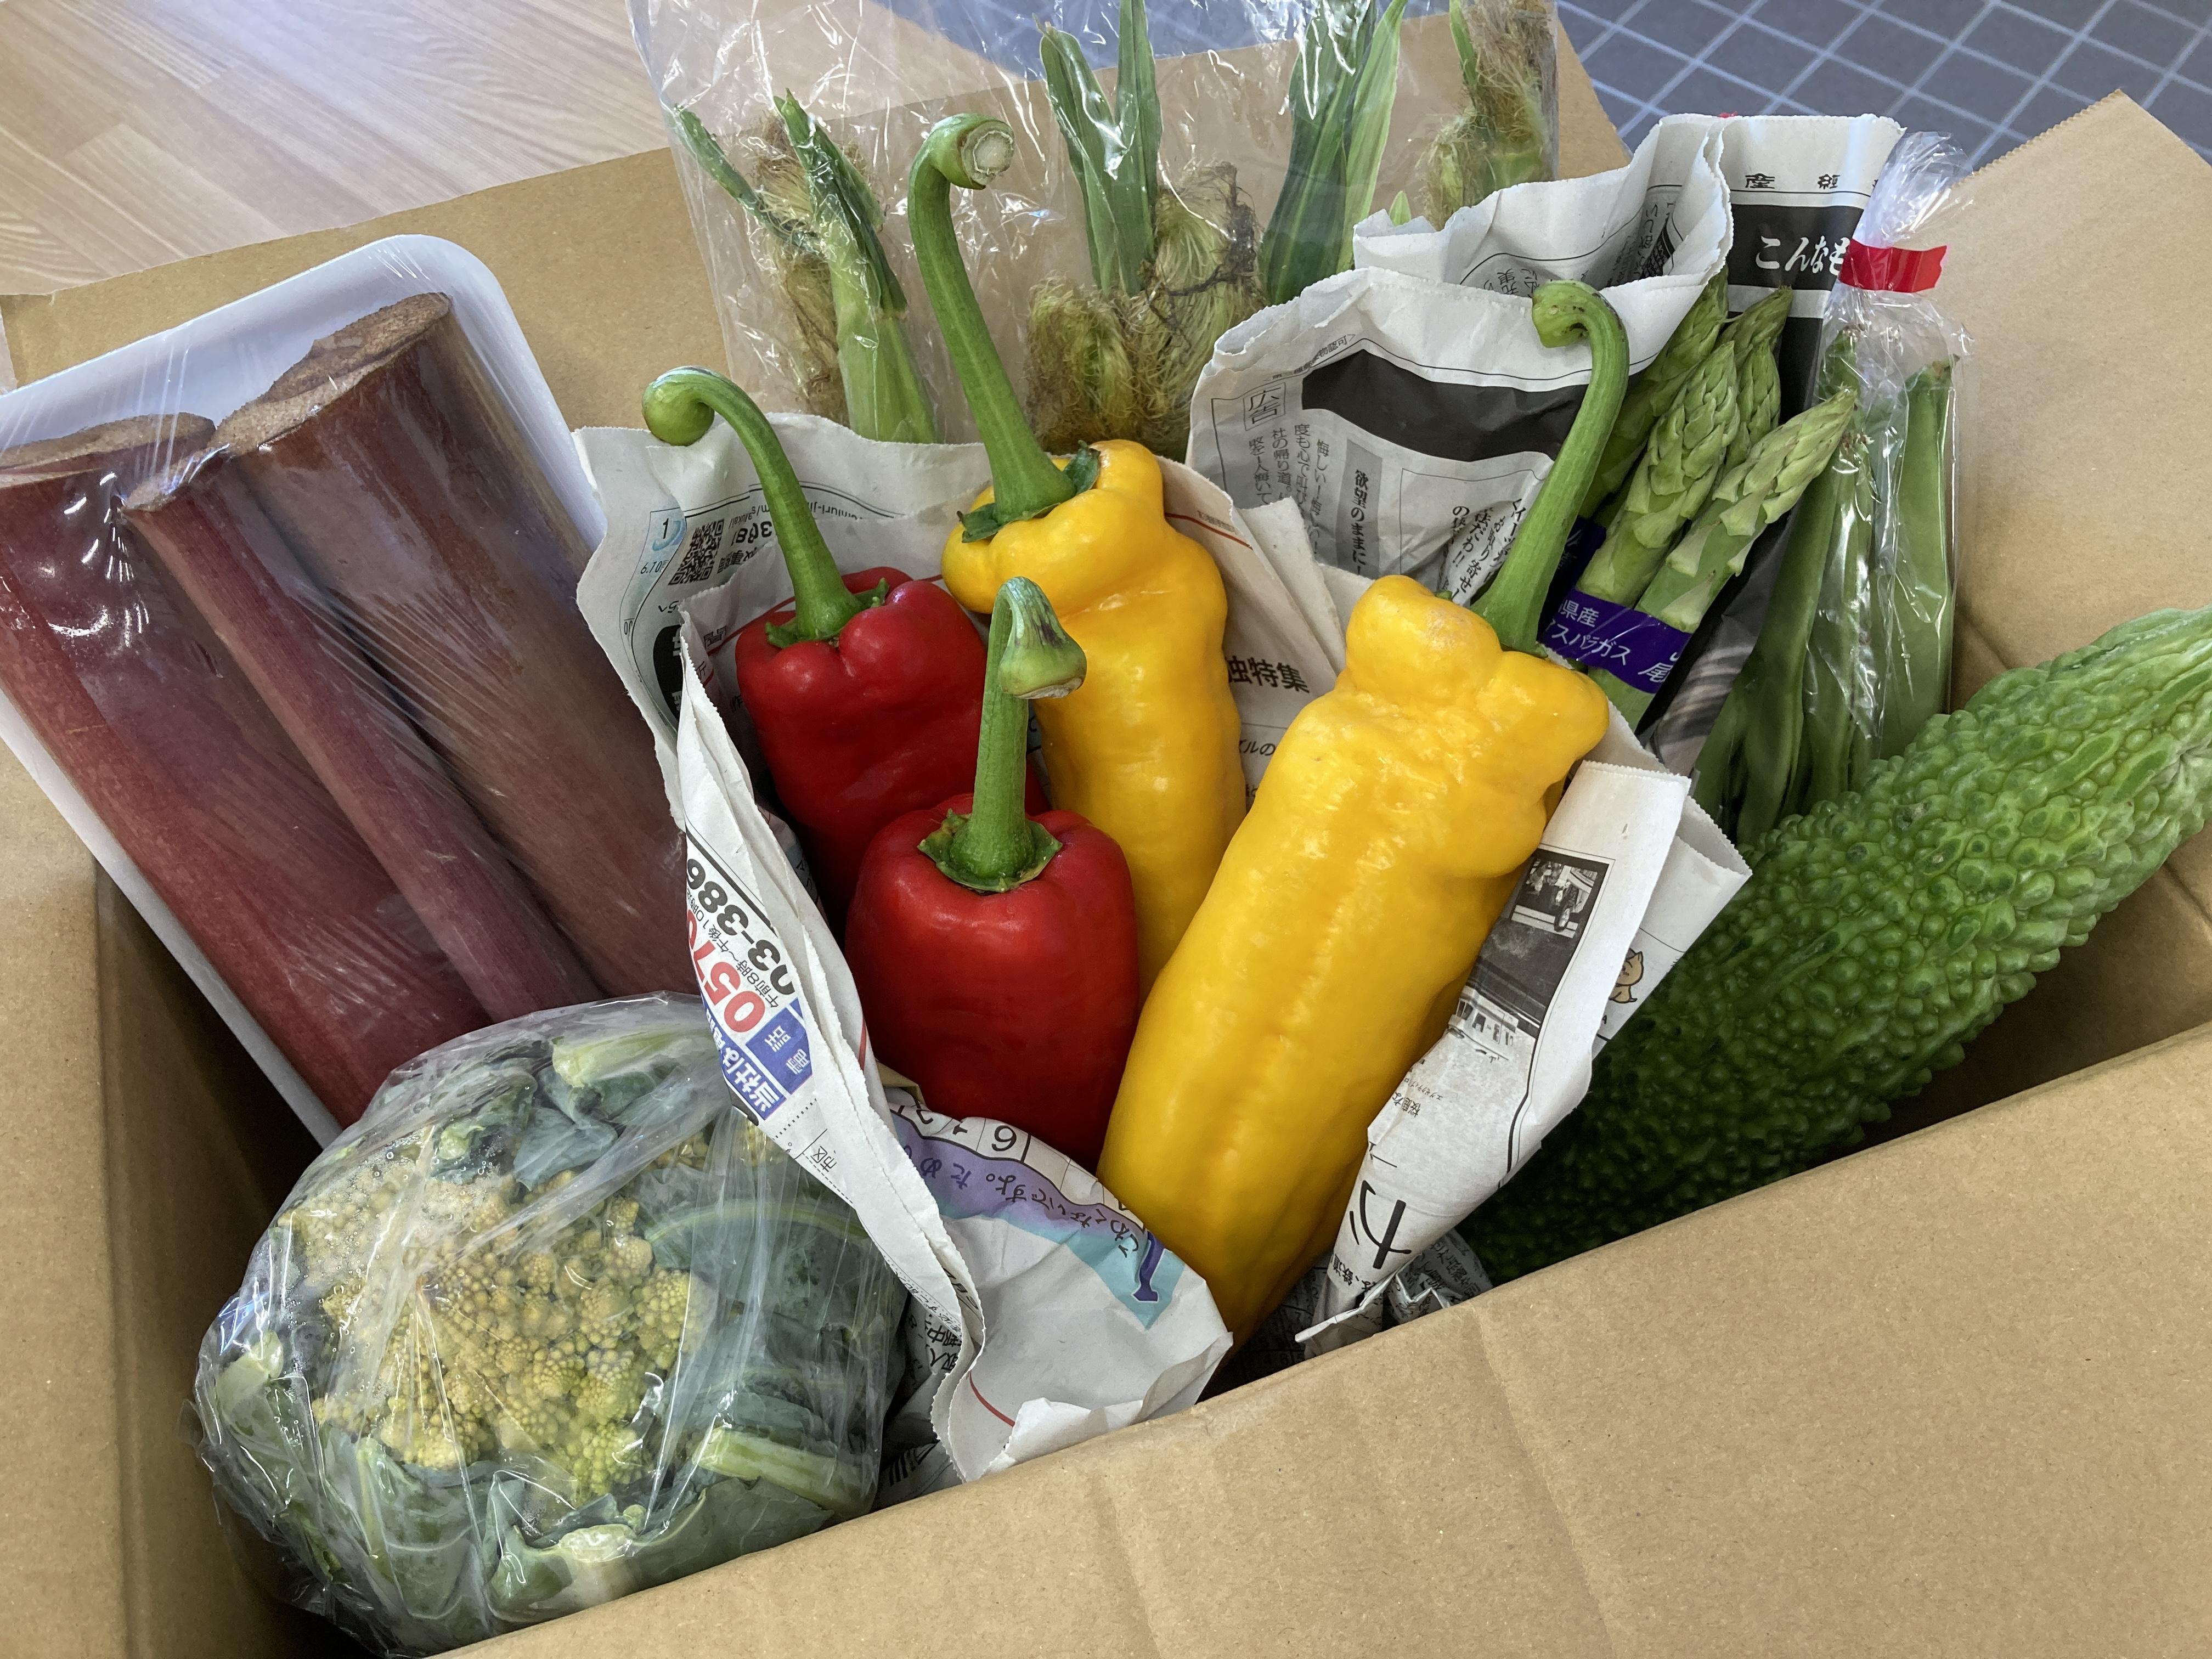 8月14日 野菜のご寄付をいただきました!